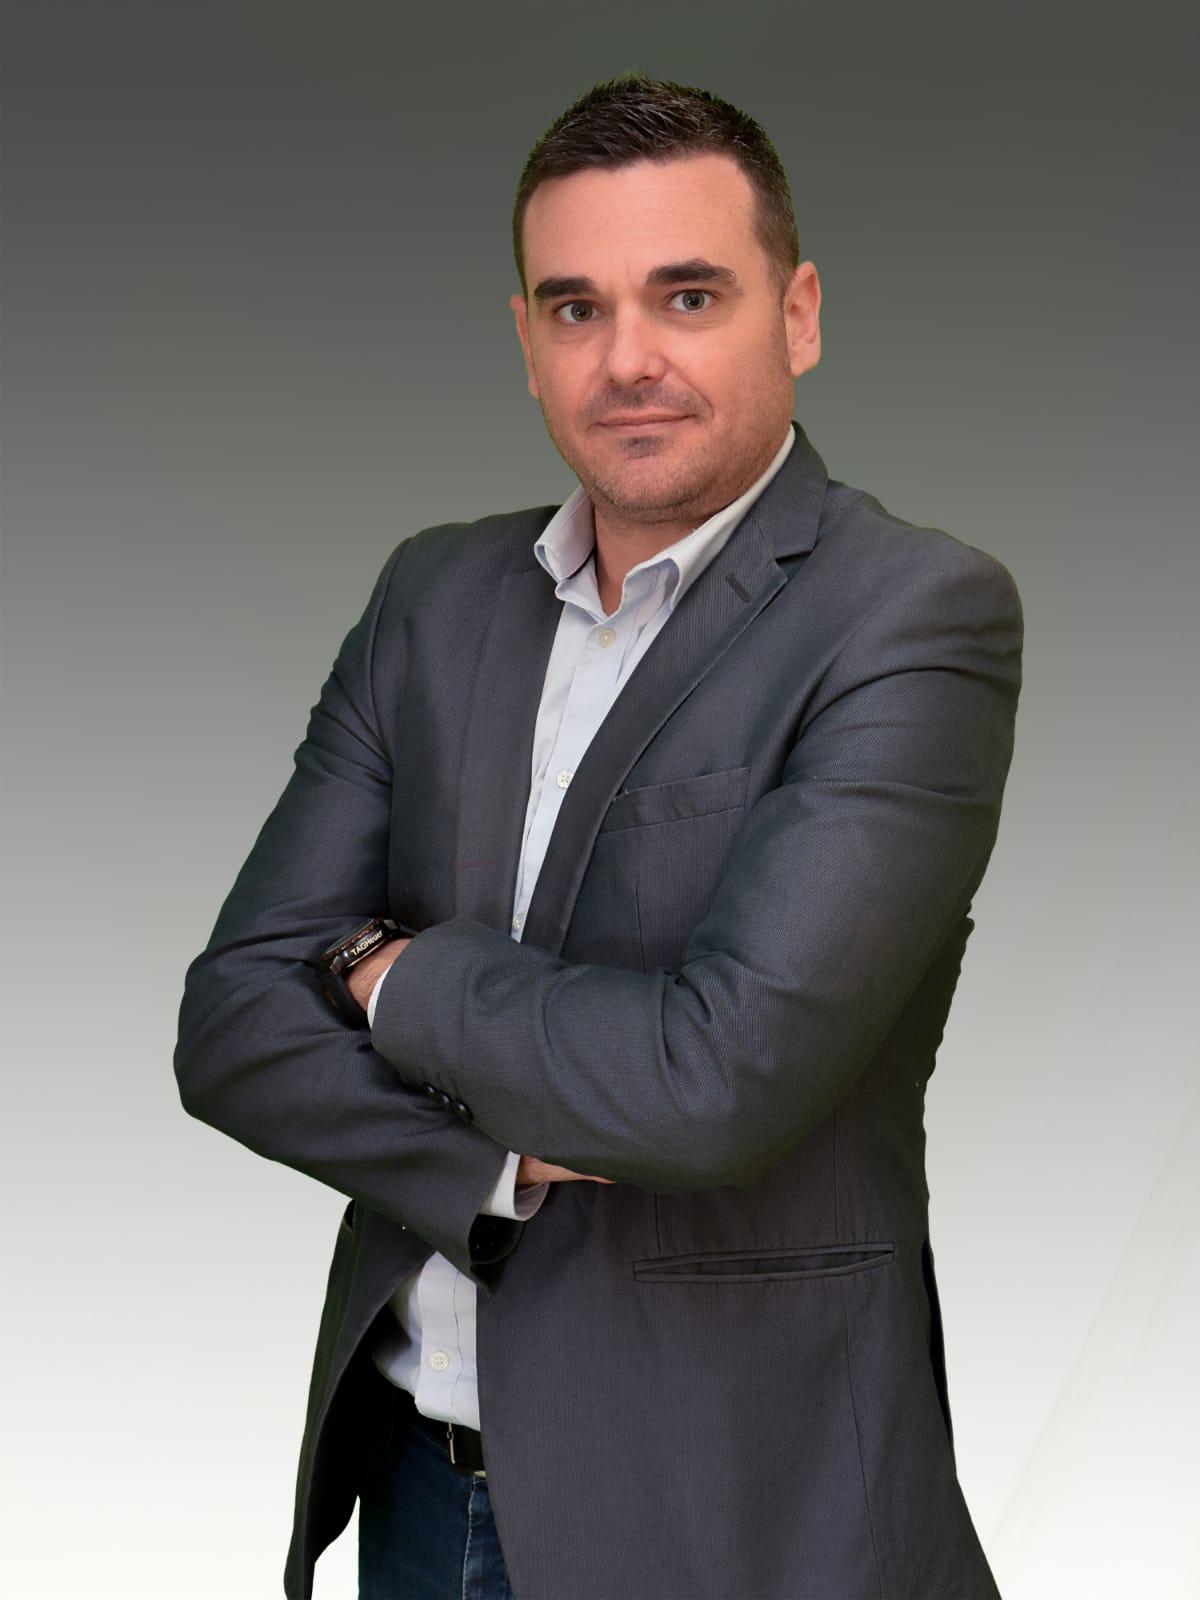 Raul Lluch